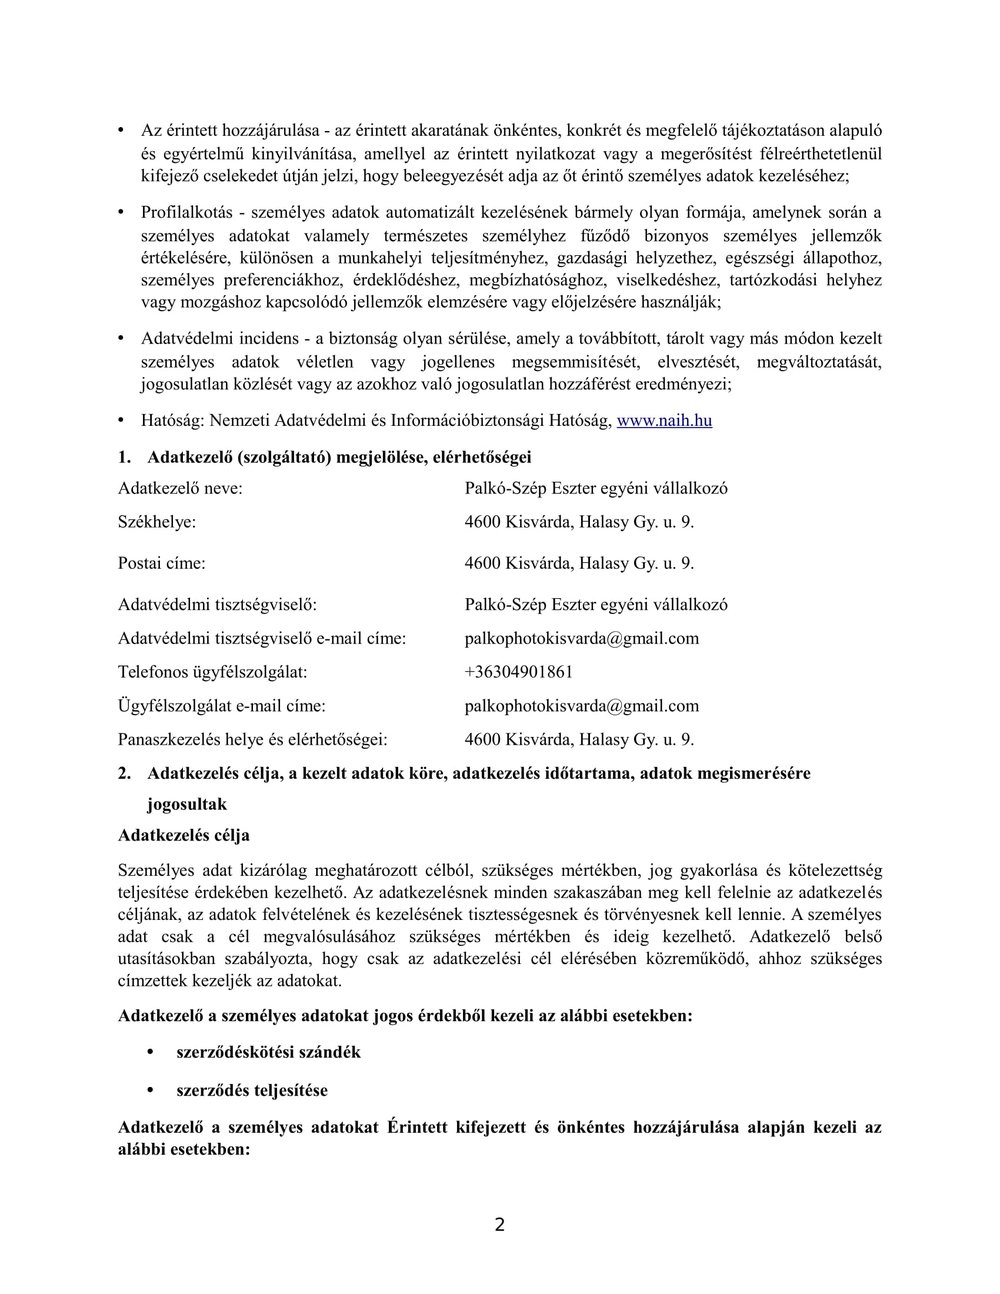 Érintett_tájékoztató_ügyfél_Eszter_v2_ (1)-2.jpg